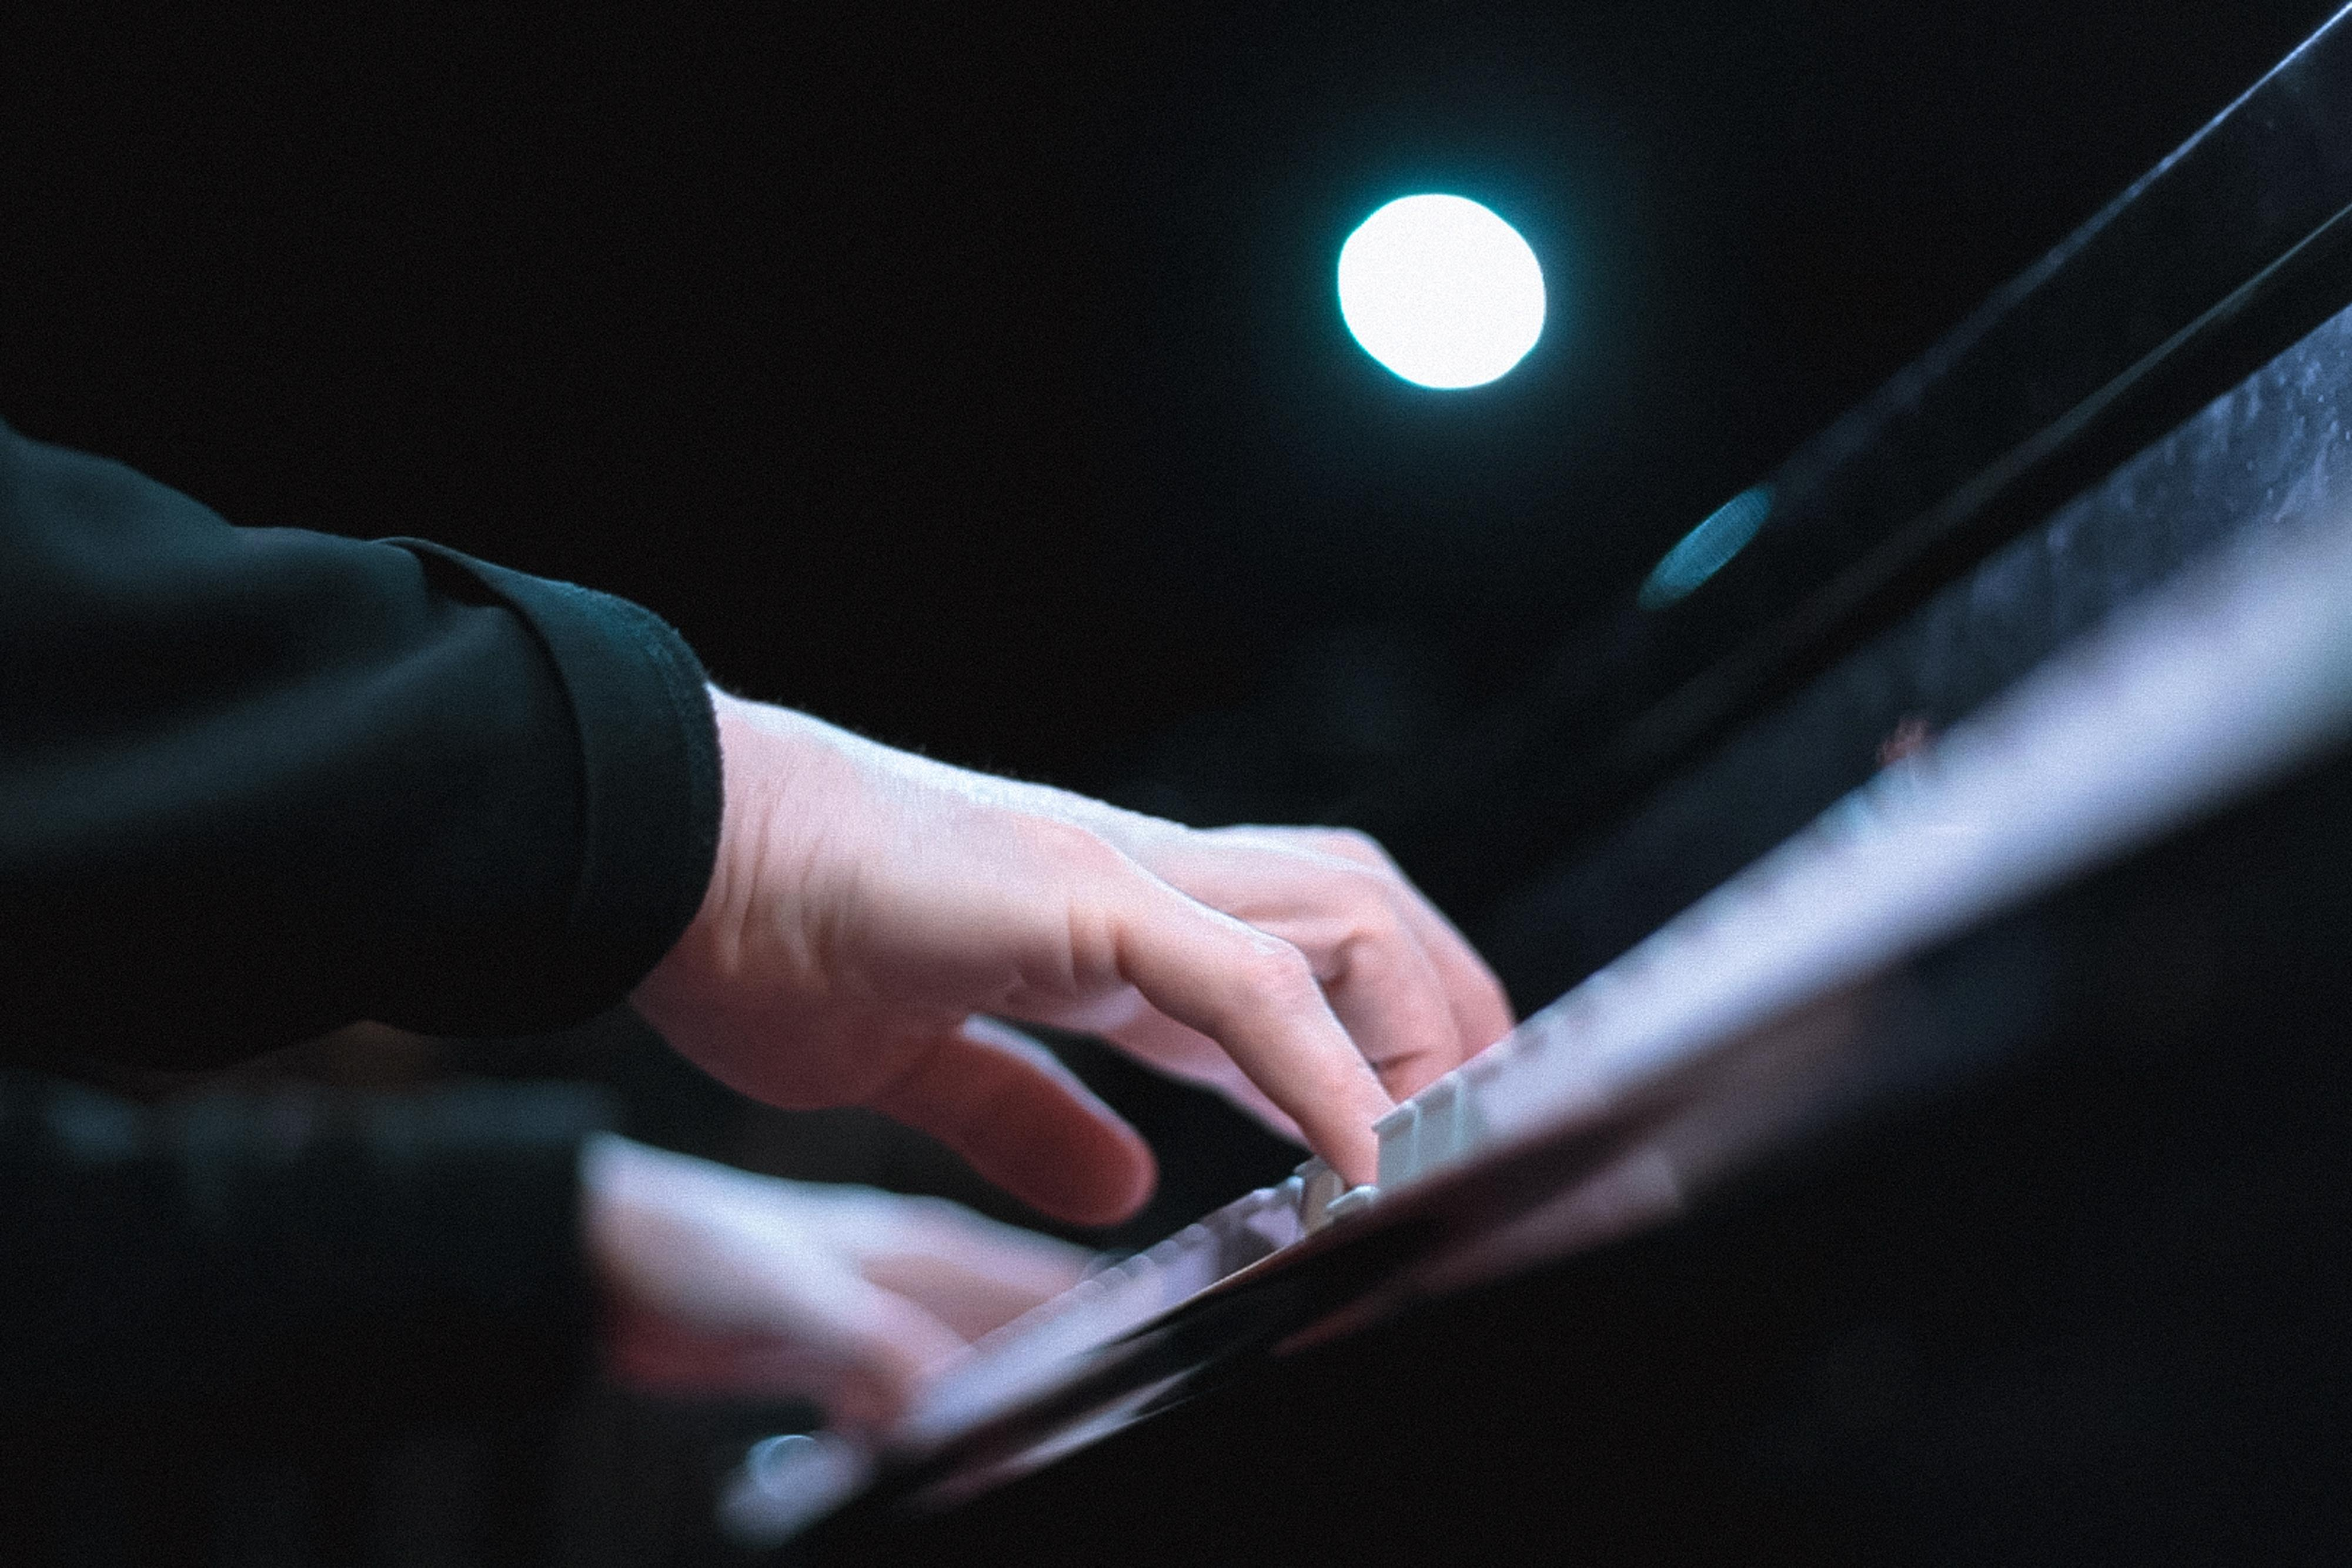 Fraaie kamermuziek door het Rogeri Trio in 't Mosterdzaadje | Recensie